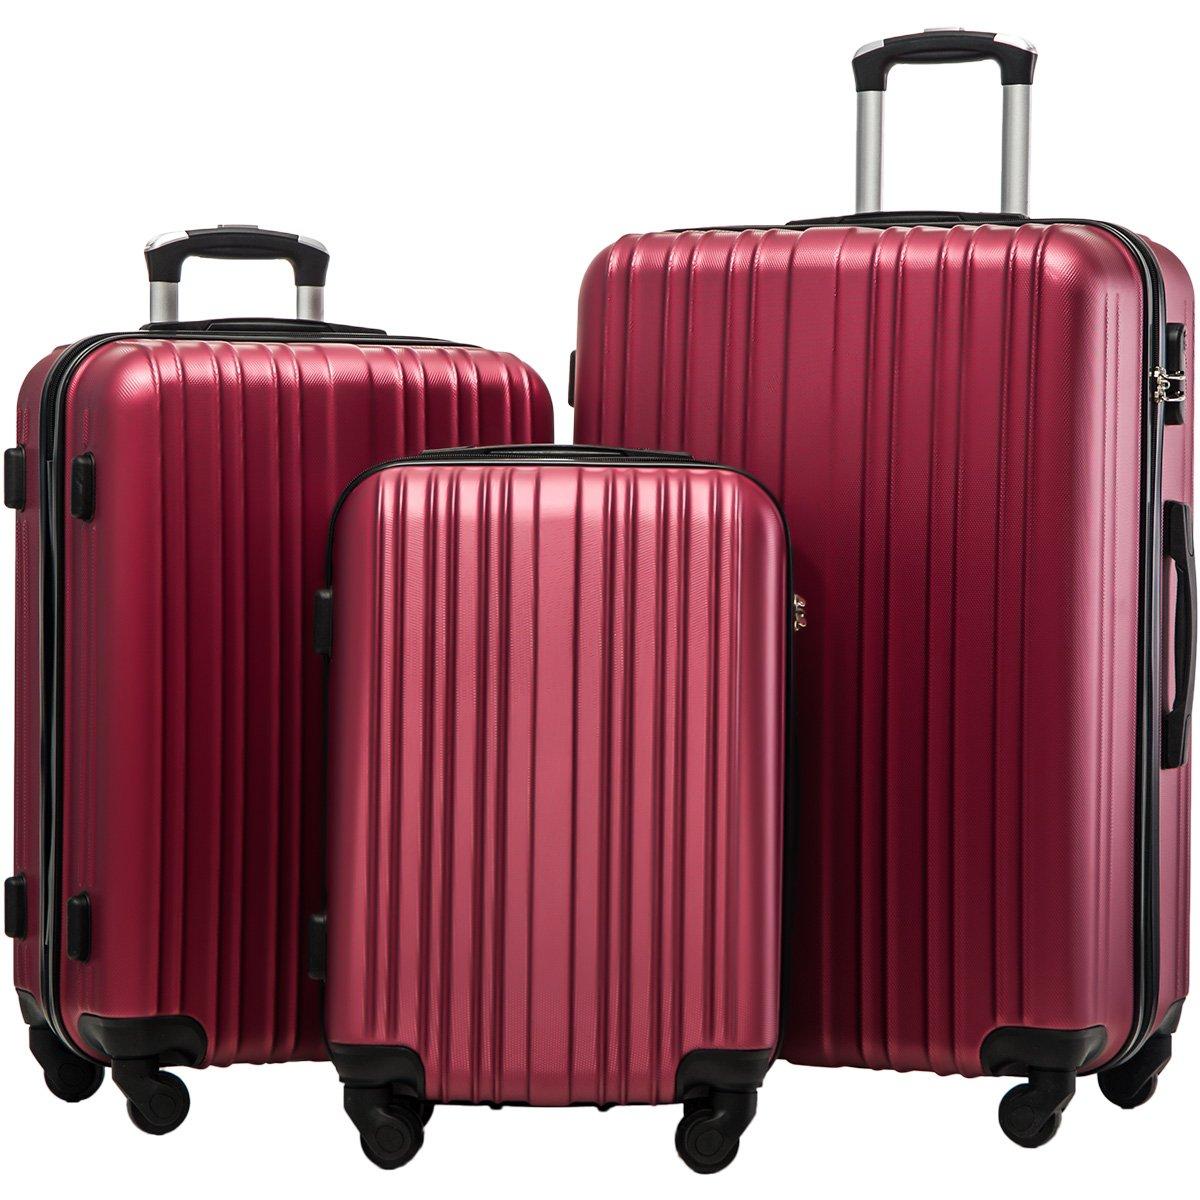 Merax Hylas 3 Piece Luggage Set Lightweight Spinner Suitcase(Wine Red)